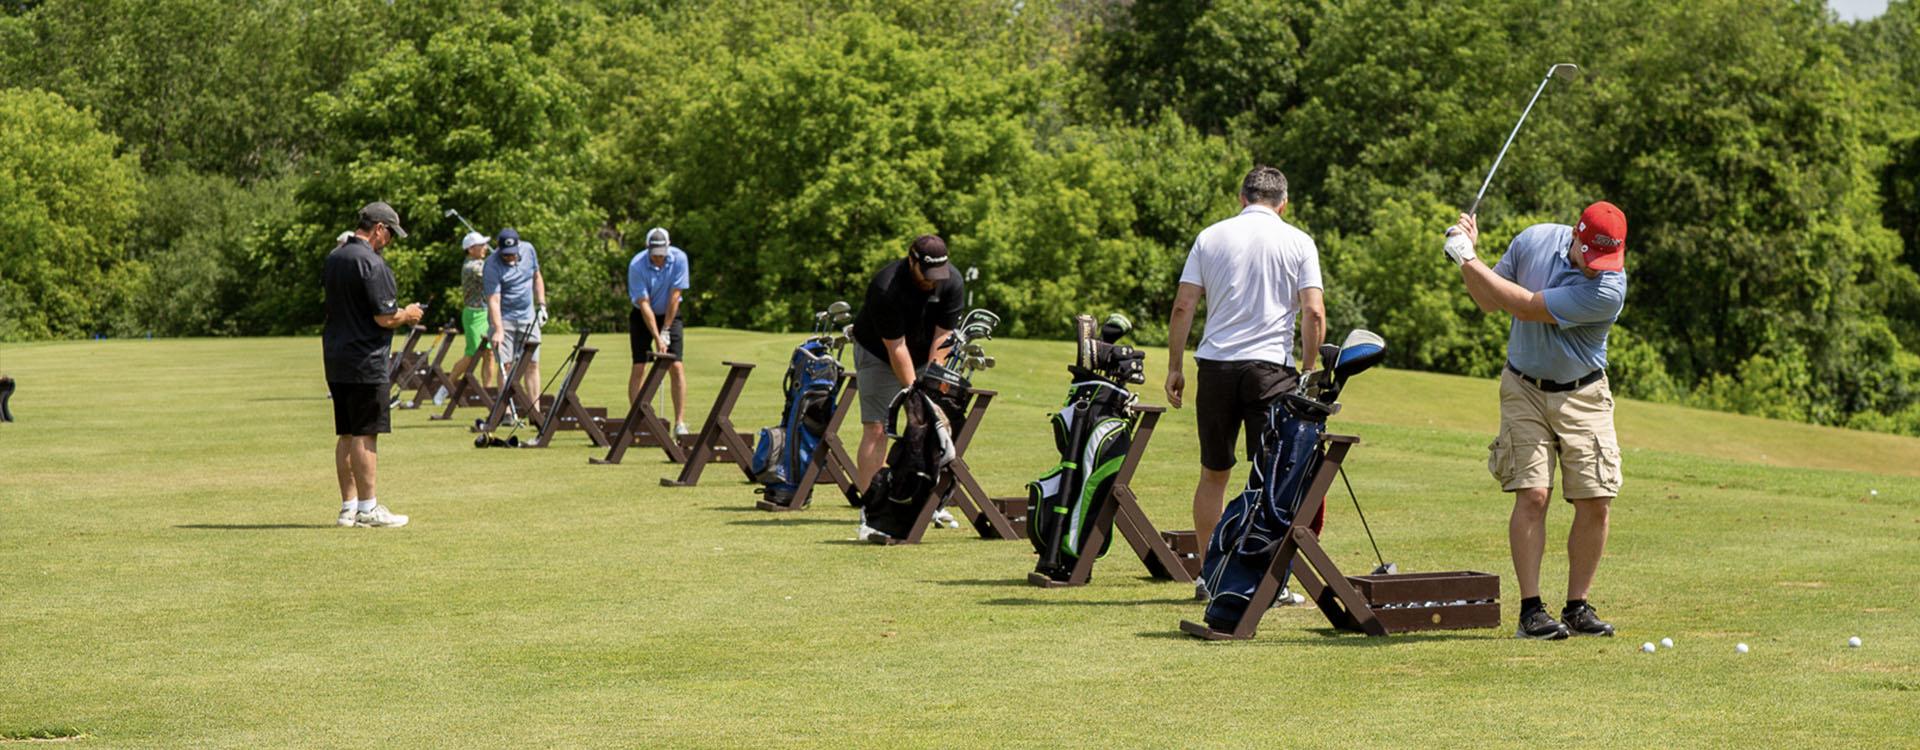 2021 Golf Outing at Grand Geneva